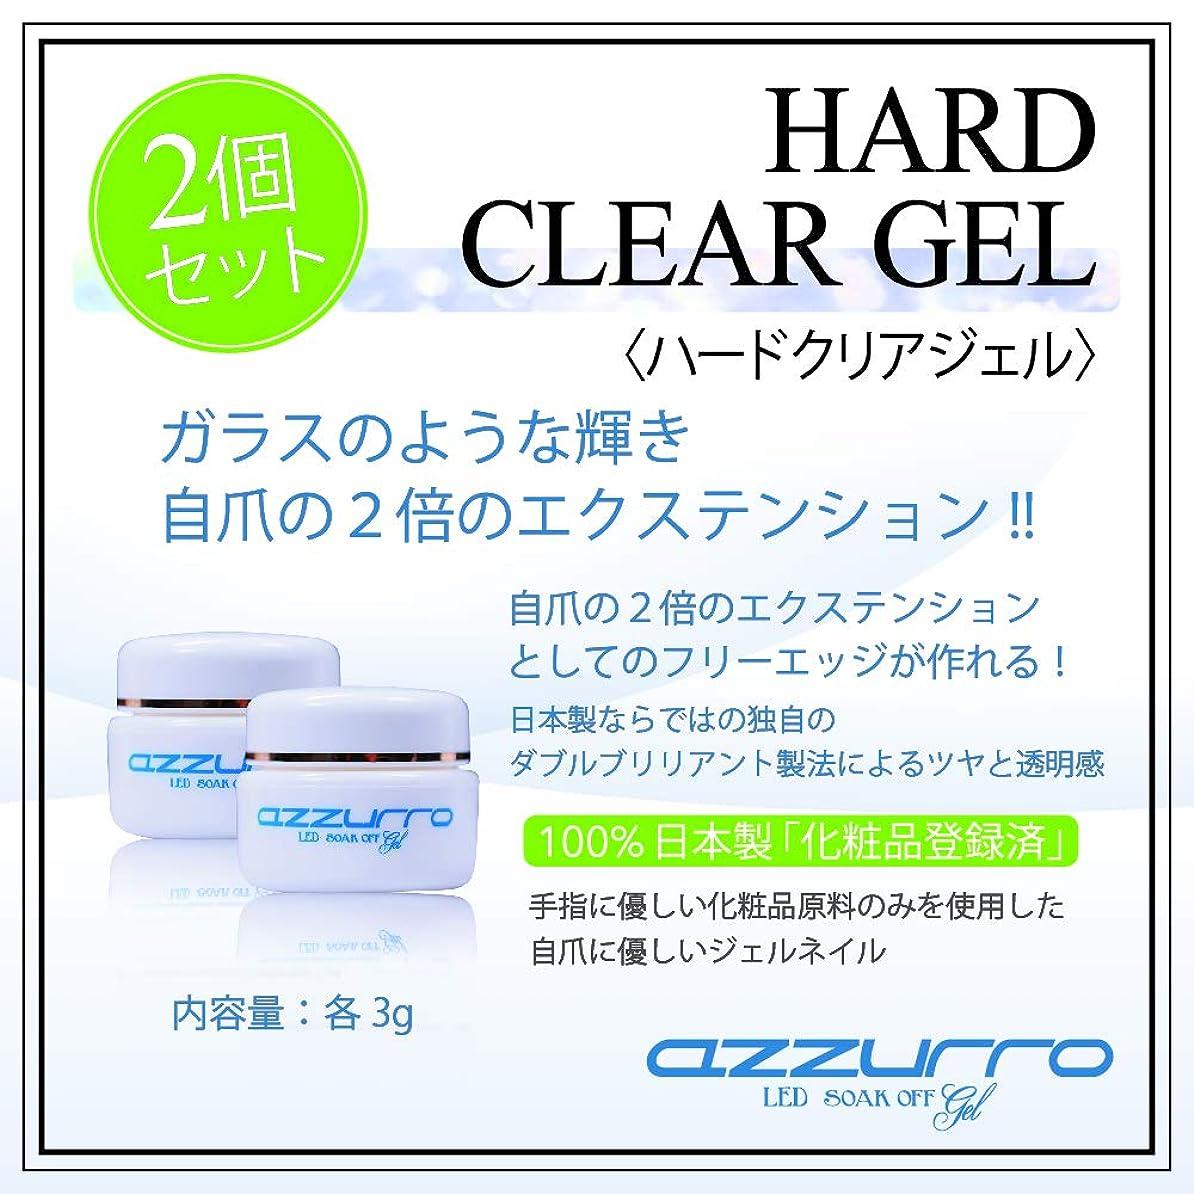 ダメージクレーター納得させるazzurro gel アッズーロハードクリアージェル 3g お得な2個セット キラキラ感持続 抜群のツヤ